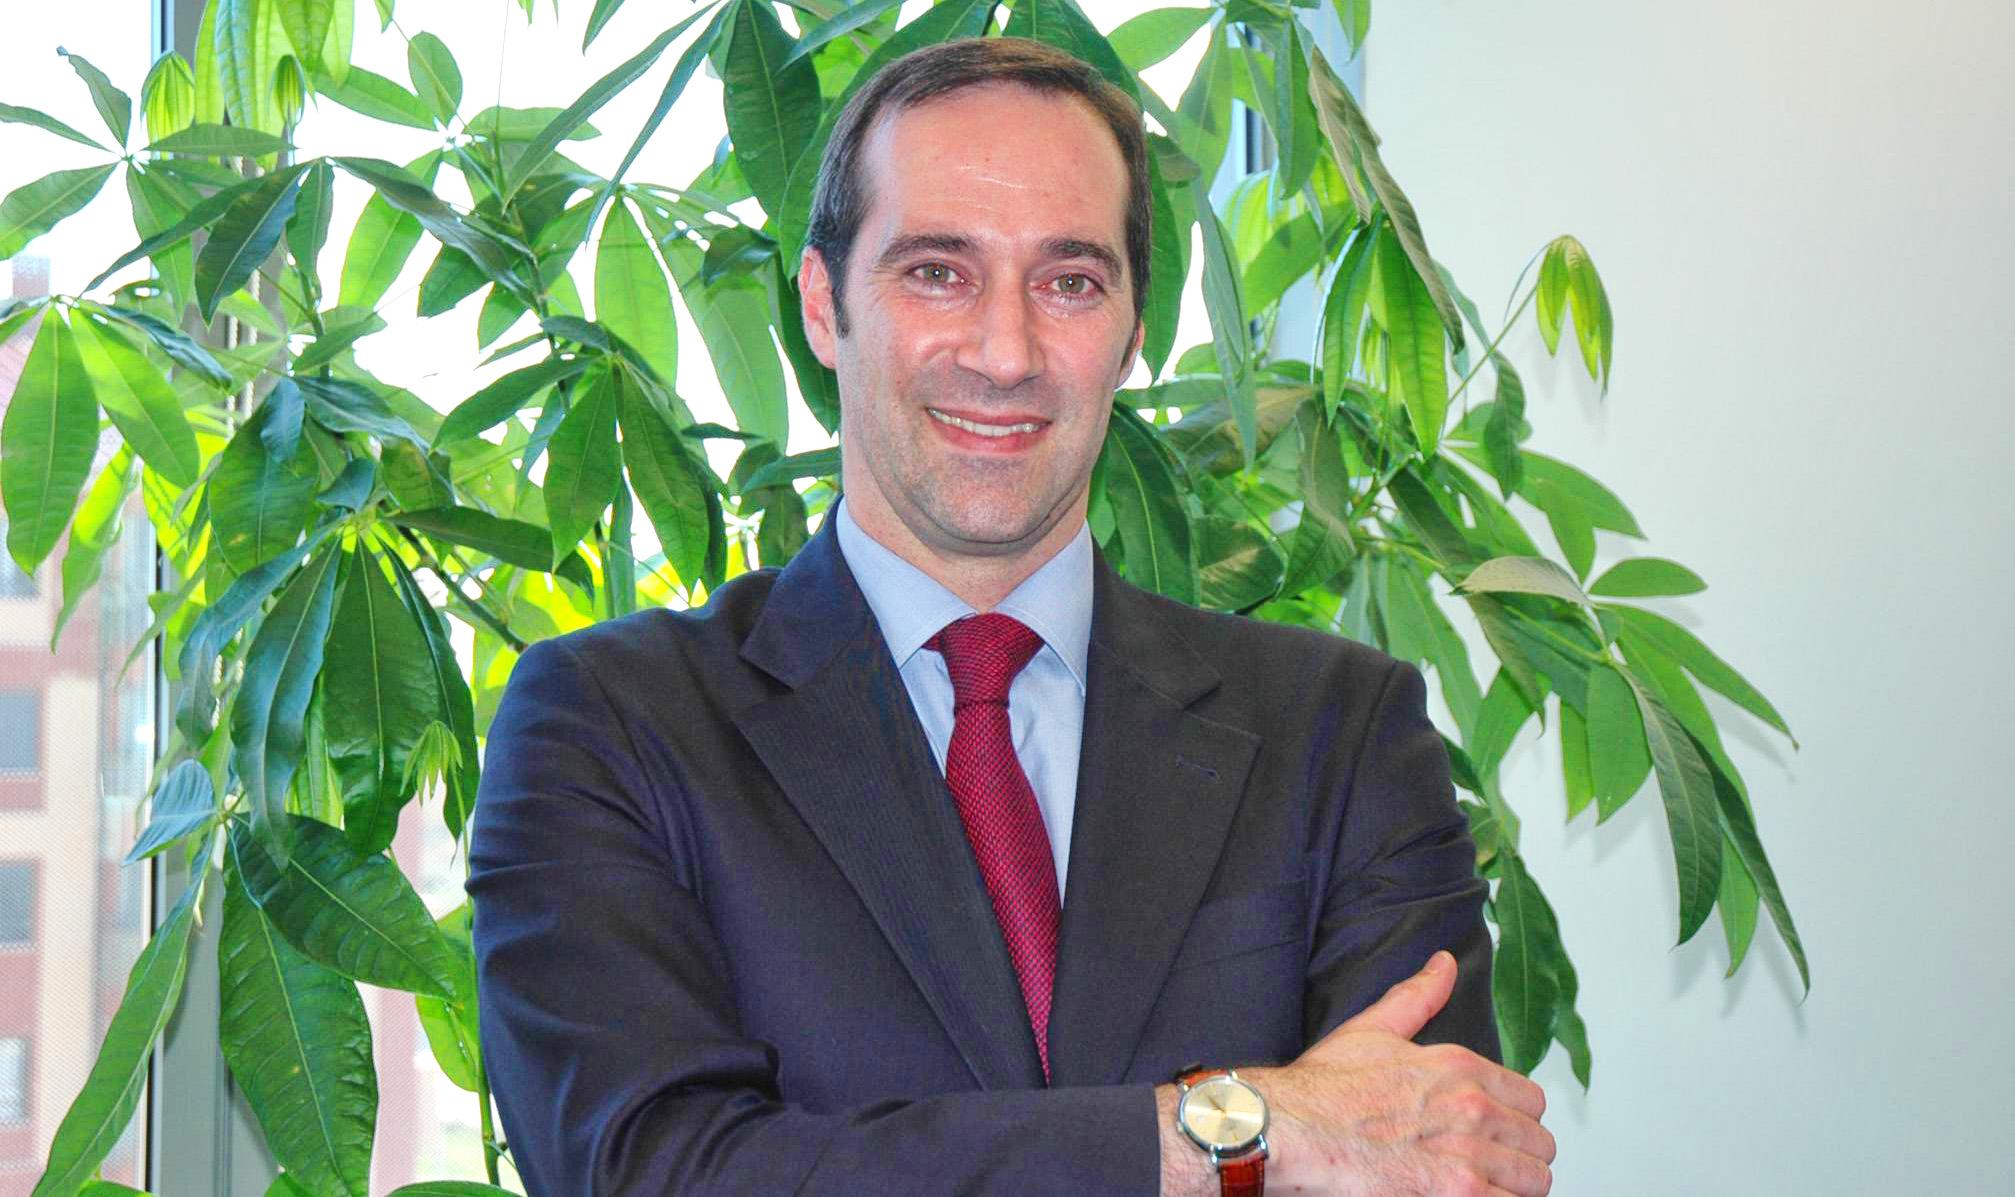 Francisco-Perez-Bes-Cuentos-de-Ciberseguridad